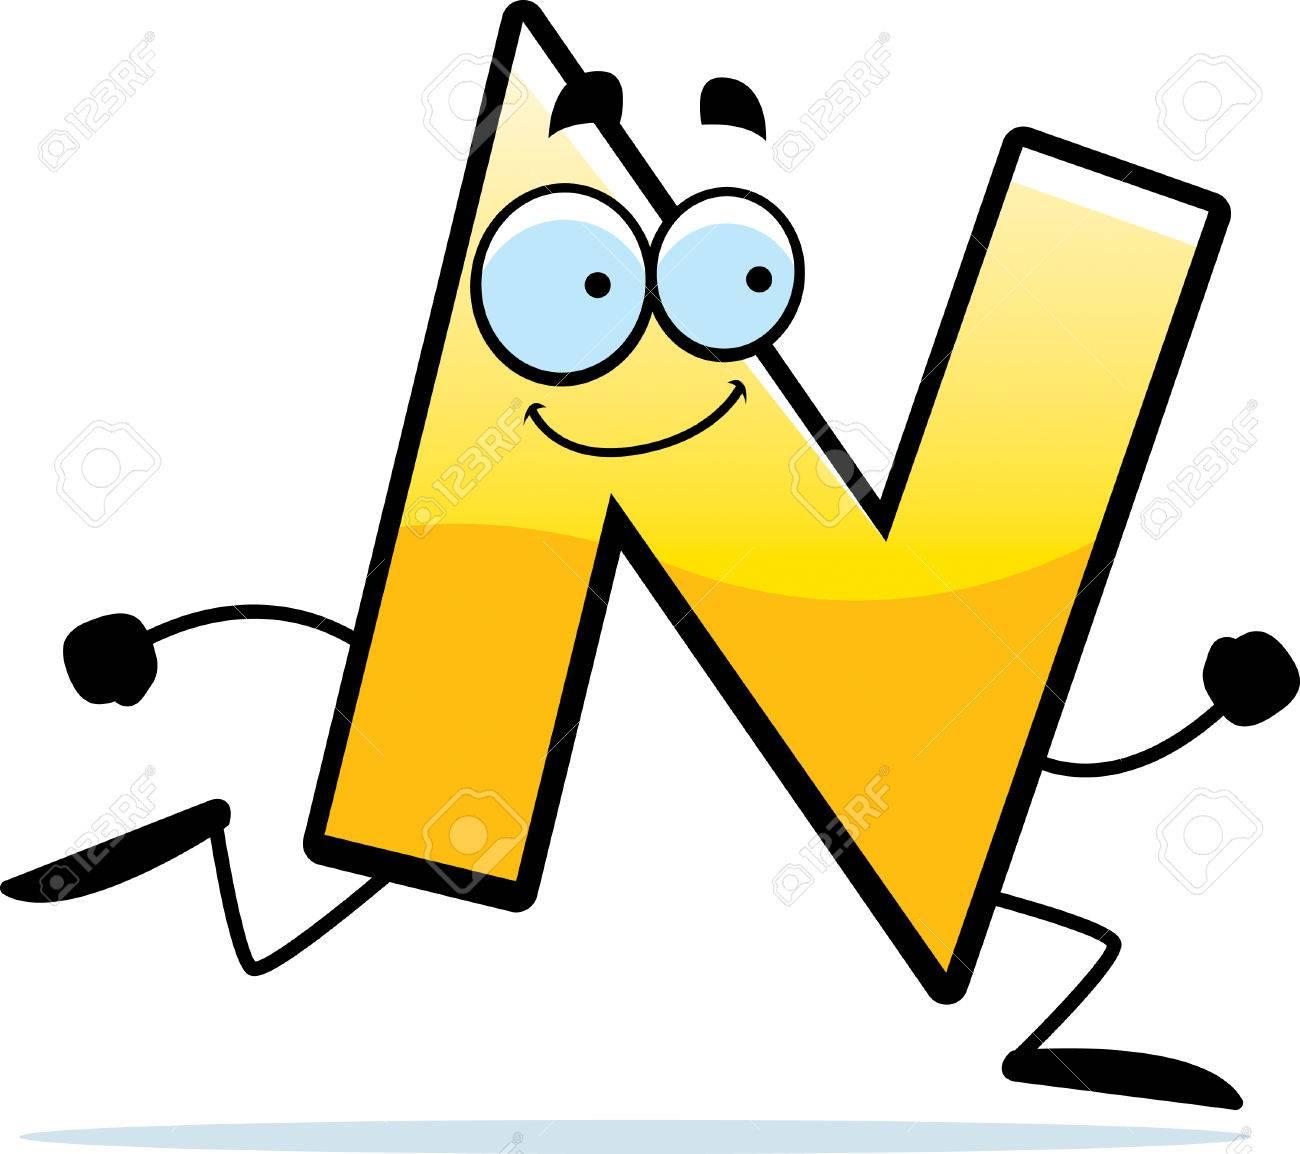 N の文字の漫画イラストを実行して笑みを浮かべてしますのイラスト